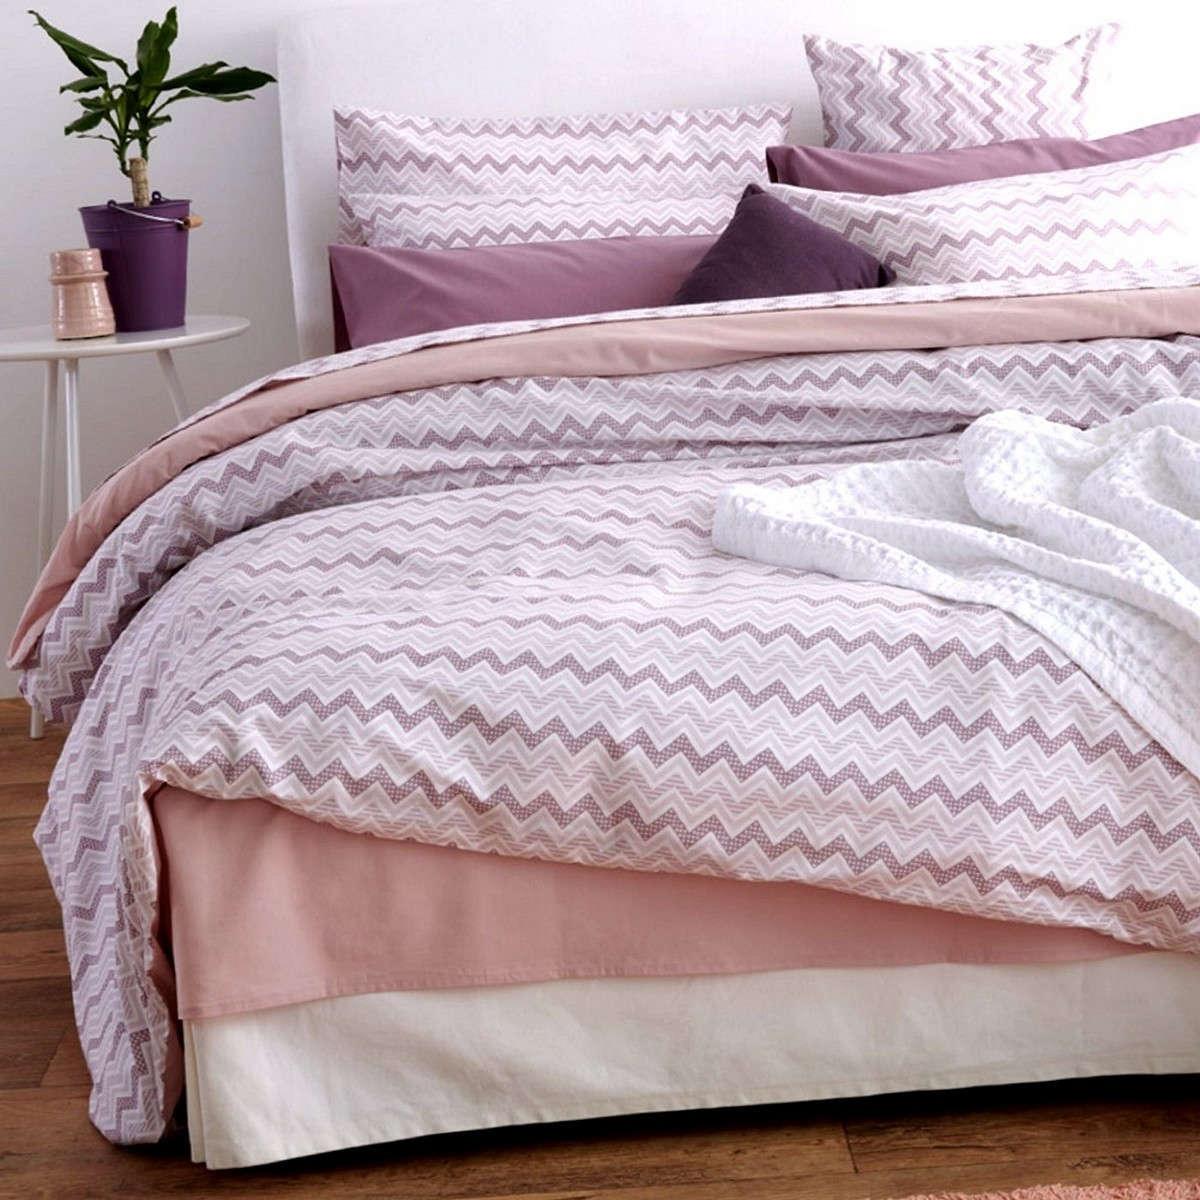 Σεντόνια Σετ 4Τμχ. Waves Pink Sb Home Υπέρδιπλo 240x265cm